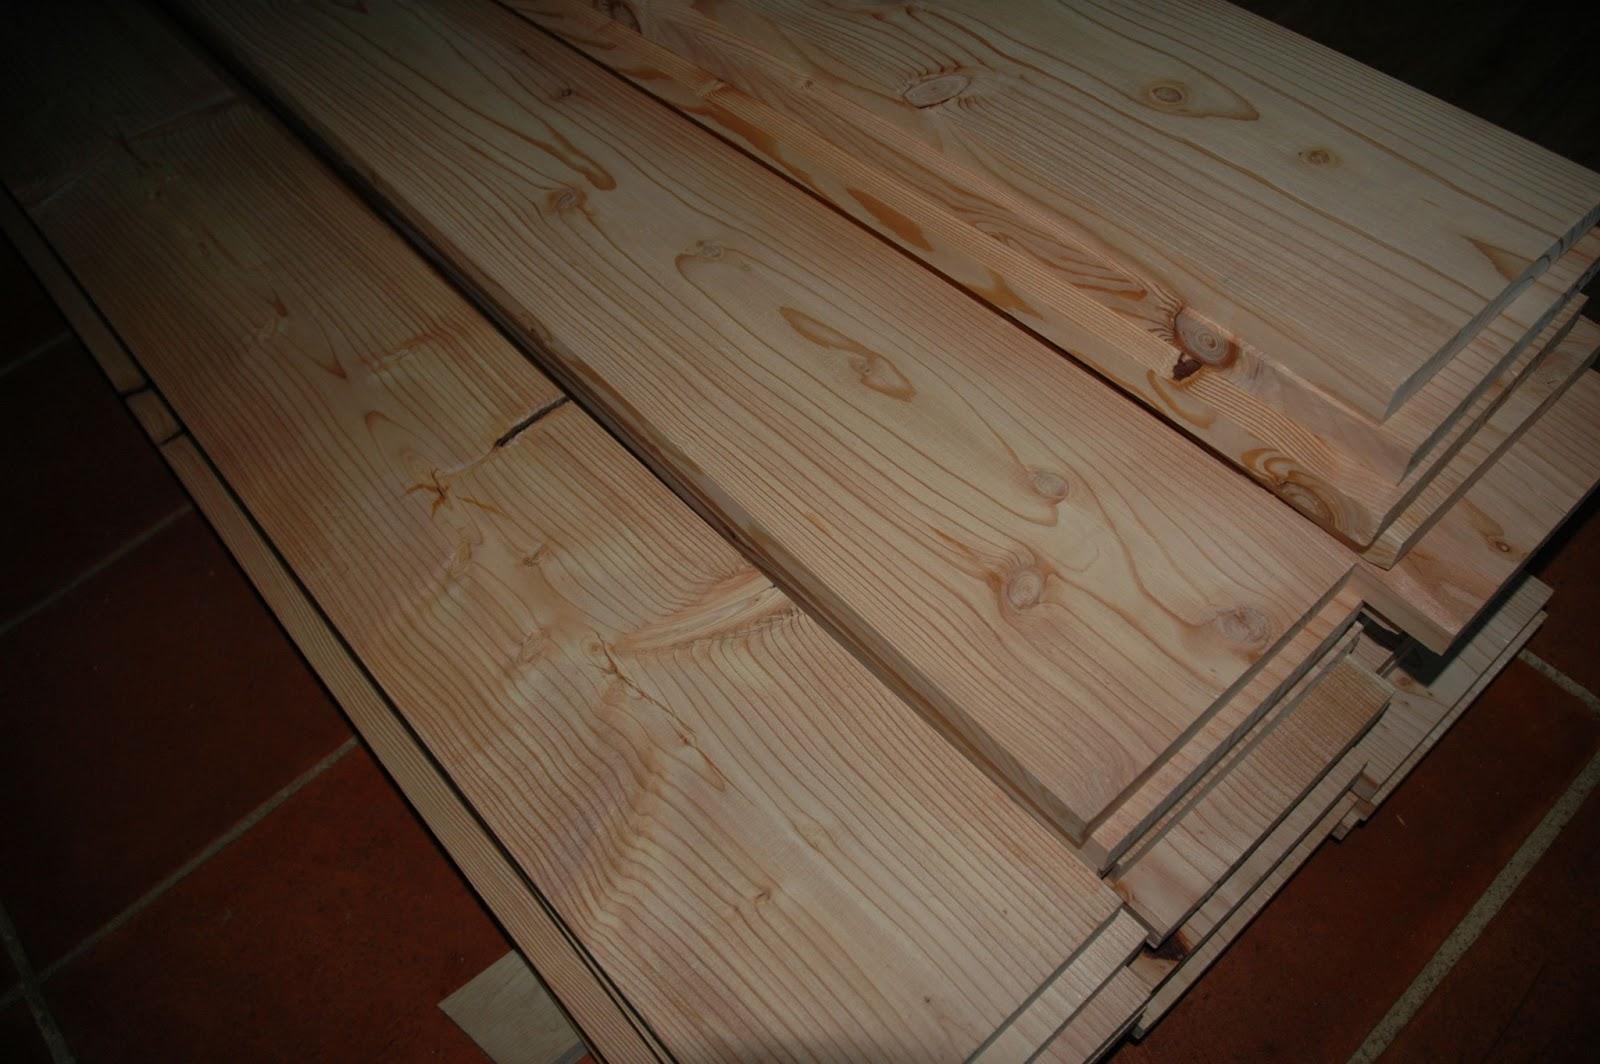 La maison d 39 apr s f vrier 2013 for Lambris bois plafond salle de bain